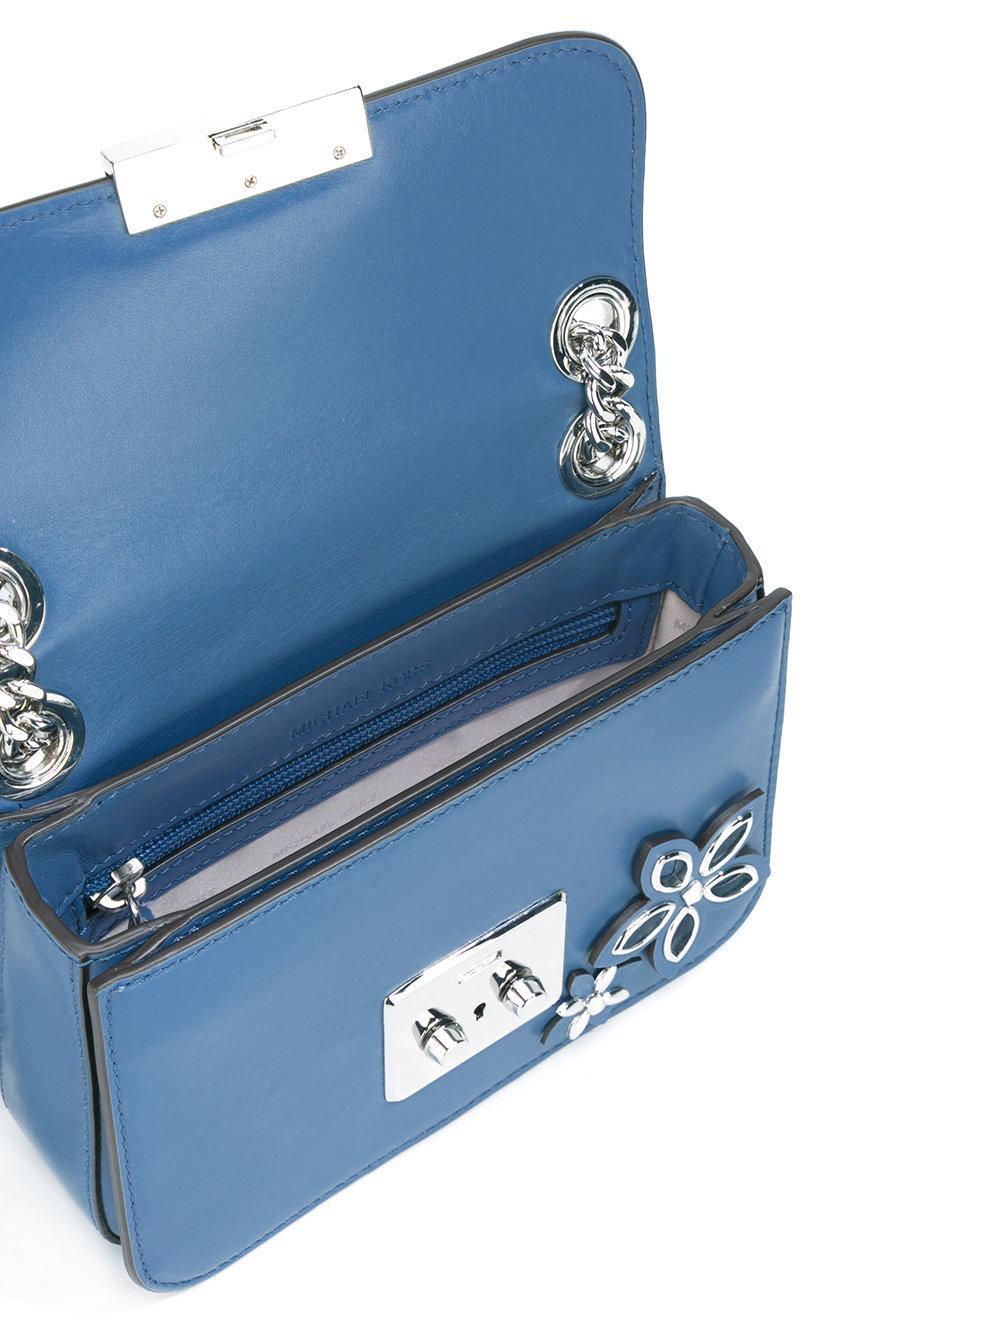 Michael Michael Kors Floral Embellished Shoulder Bag In Blue | Lyst